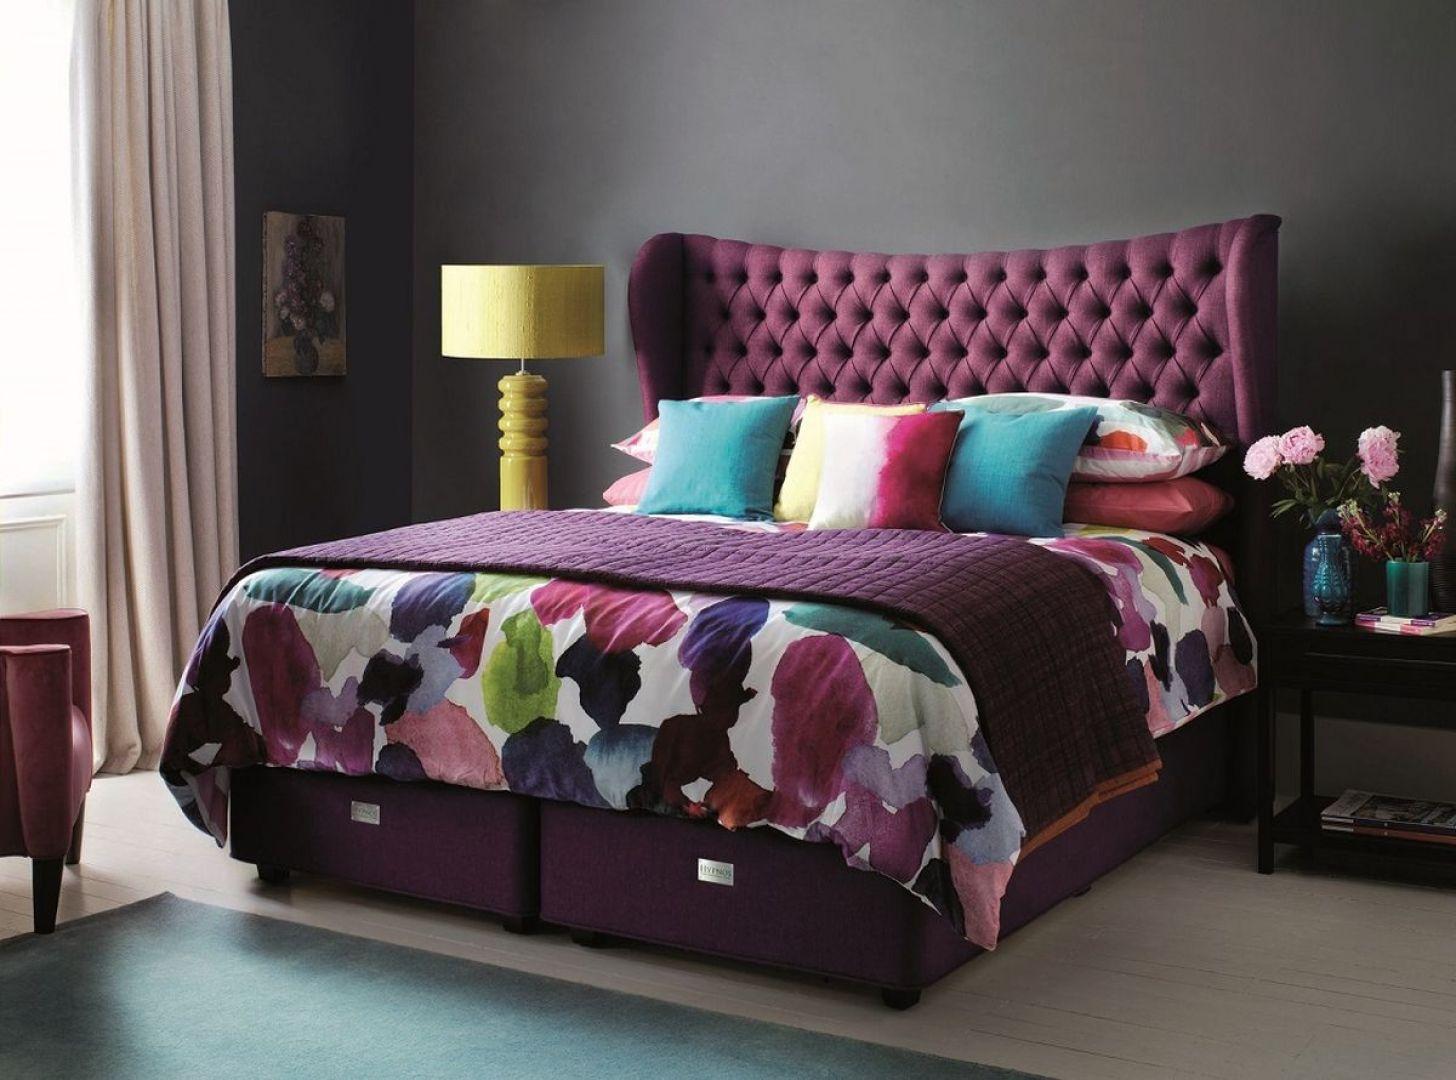 Sypialnie z kolorowymi zagłówkami sprawdzą się zarówno w klasycznie, jak i nowocześnie zaaranżowanych wnętrzach. Fot. Hypnos Beds